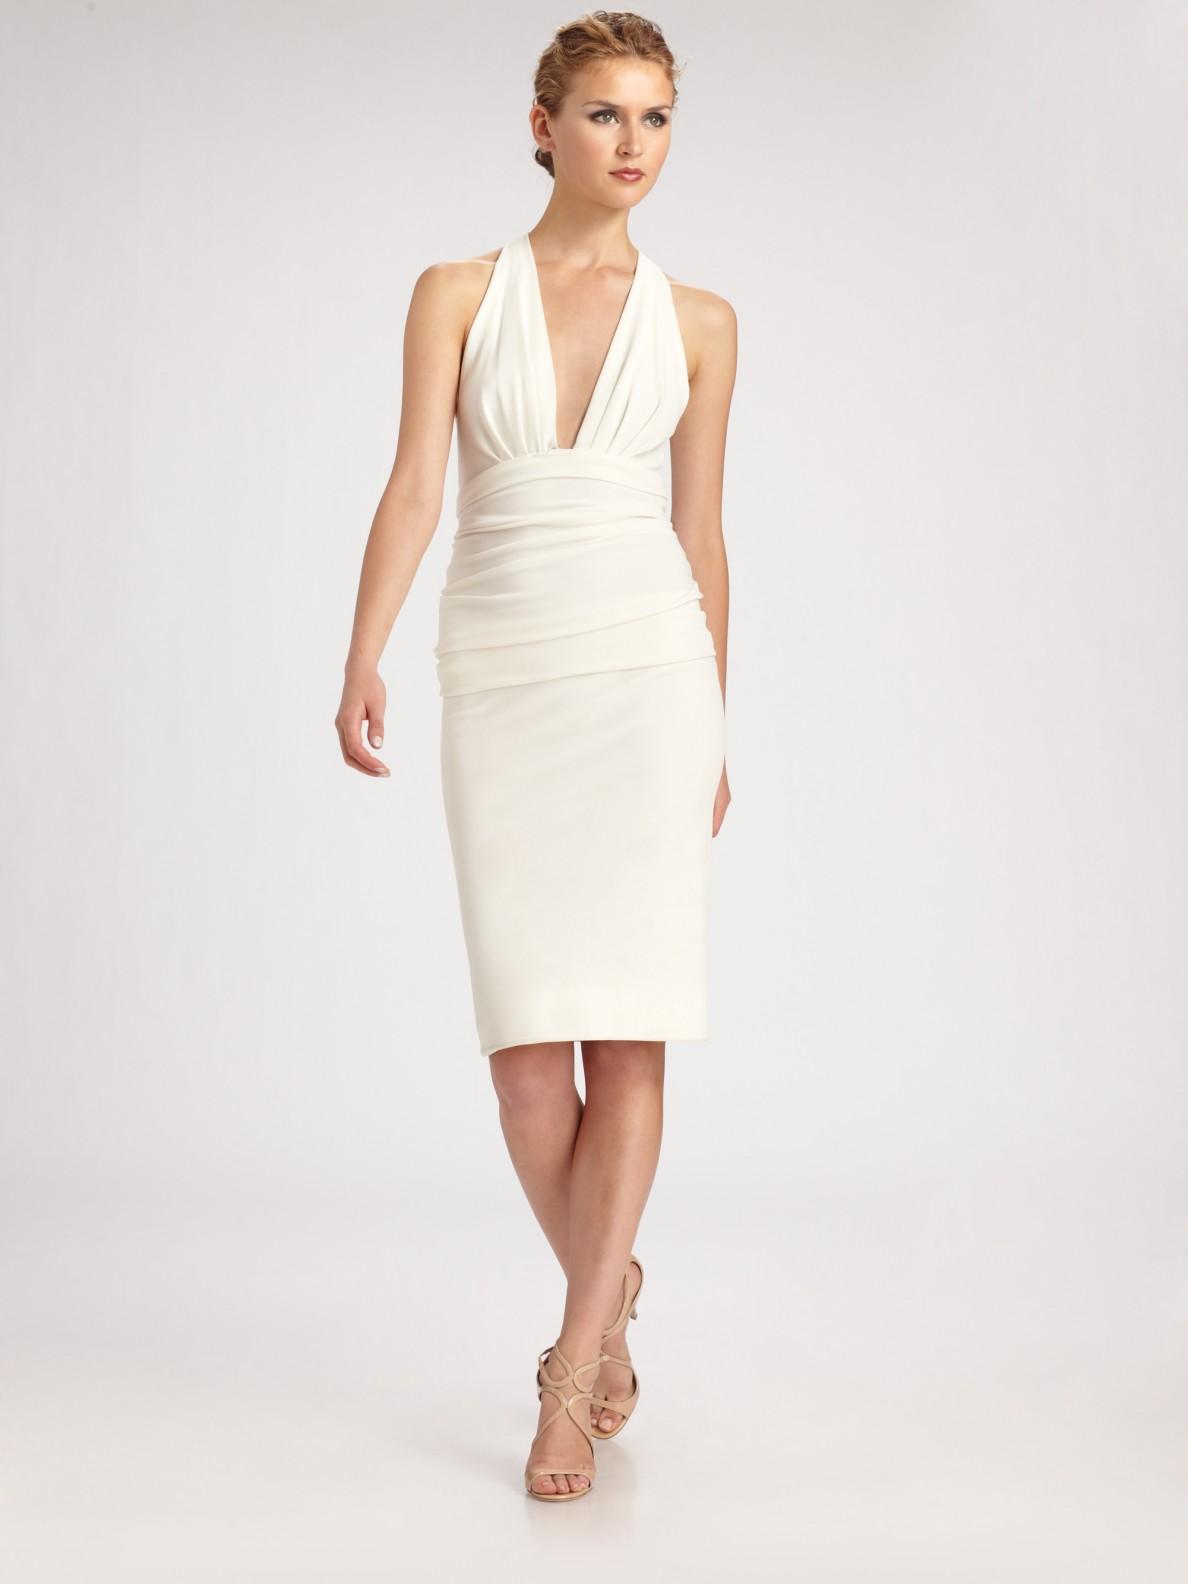 white dresses for women macys photo - 1